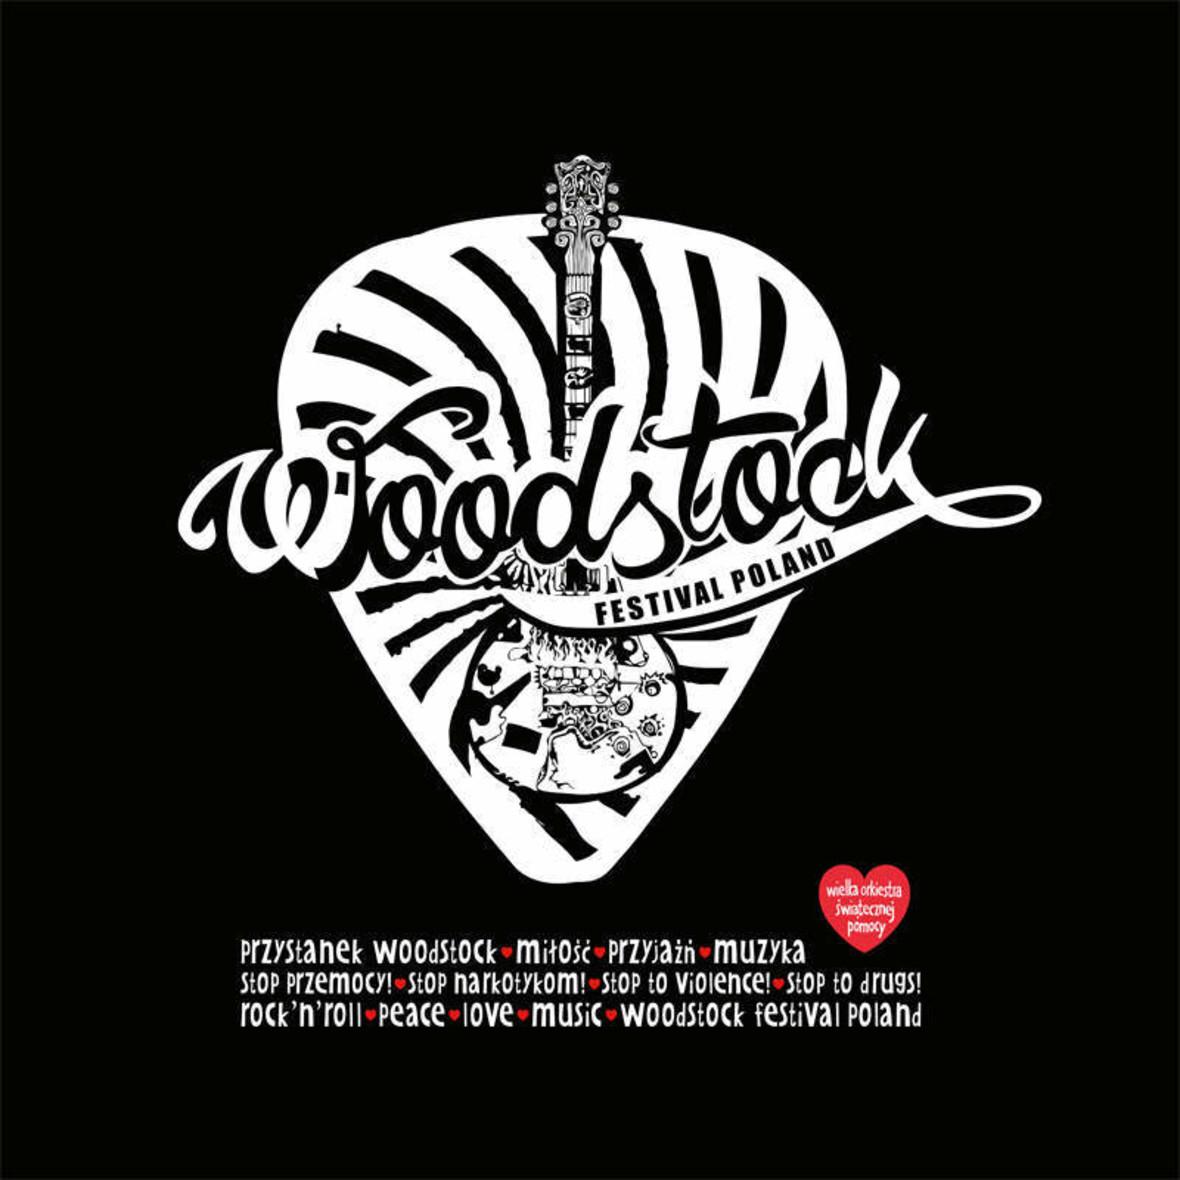 Przystanek Woodstock szykuje się do startu